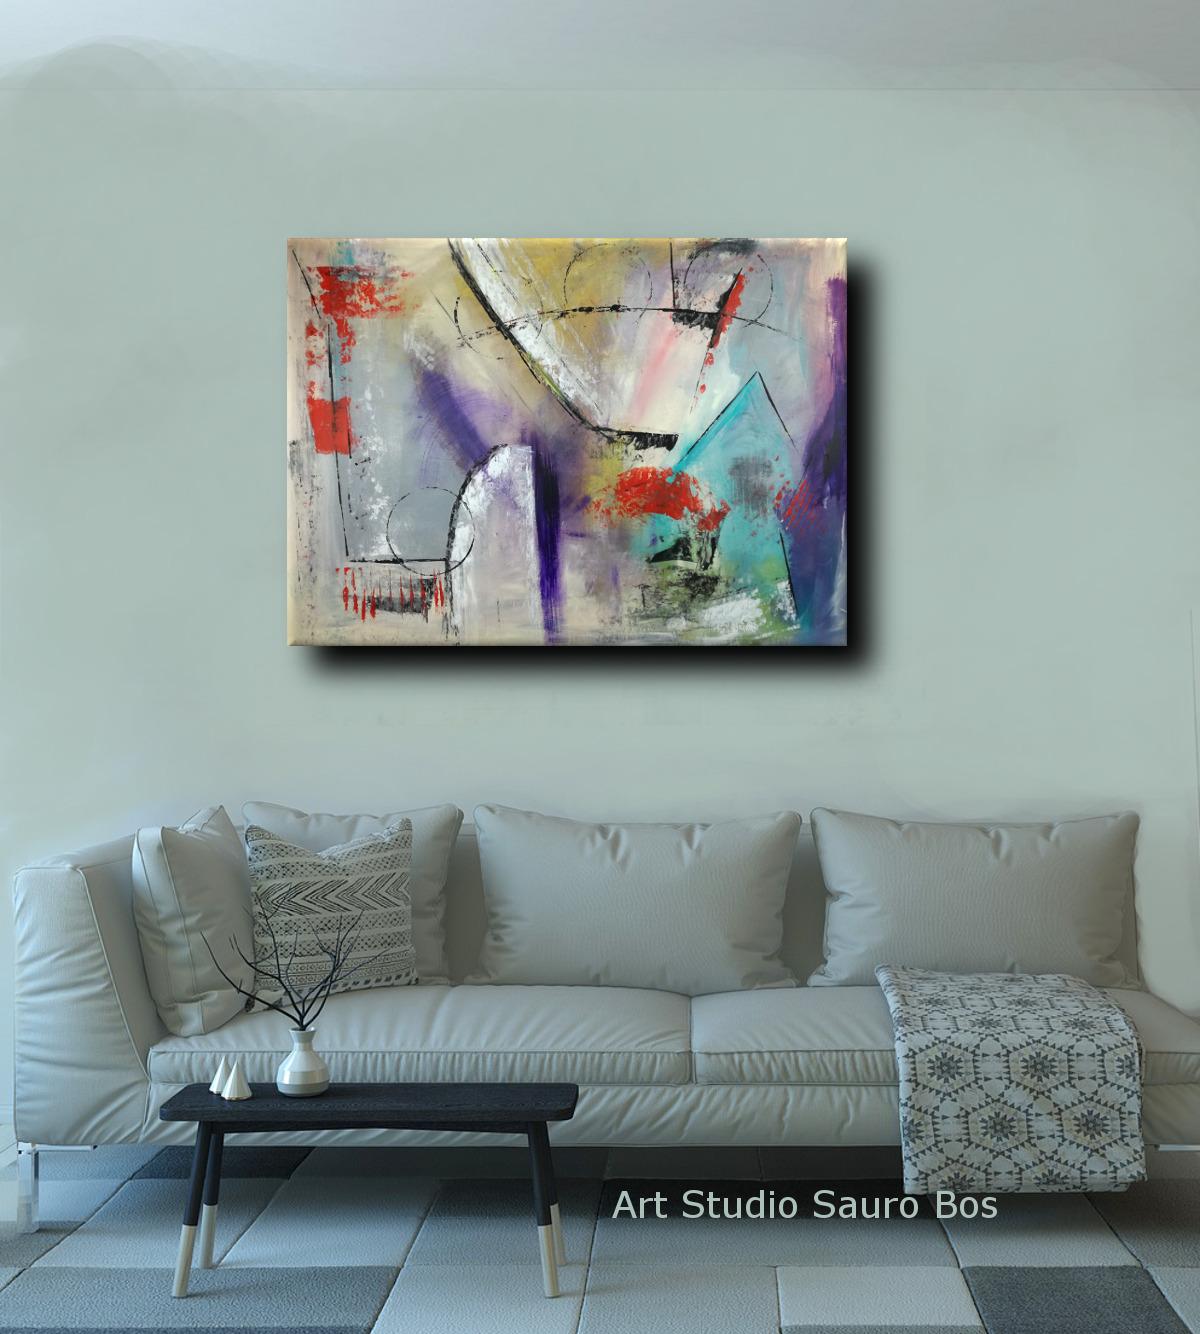 quadri moderni per arredamento contemporaneo sauro bos